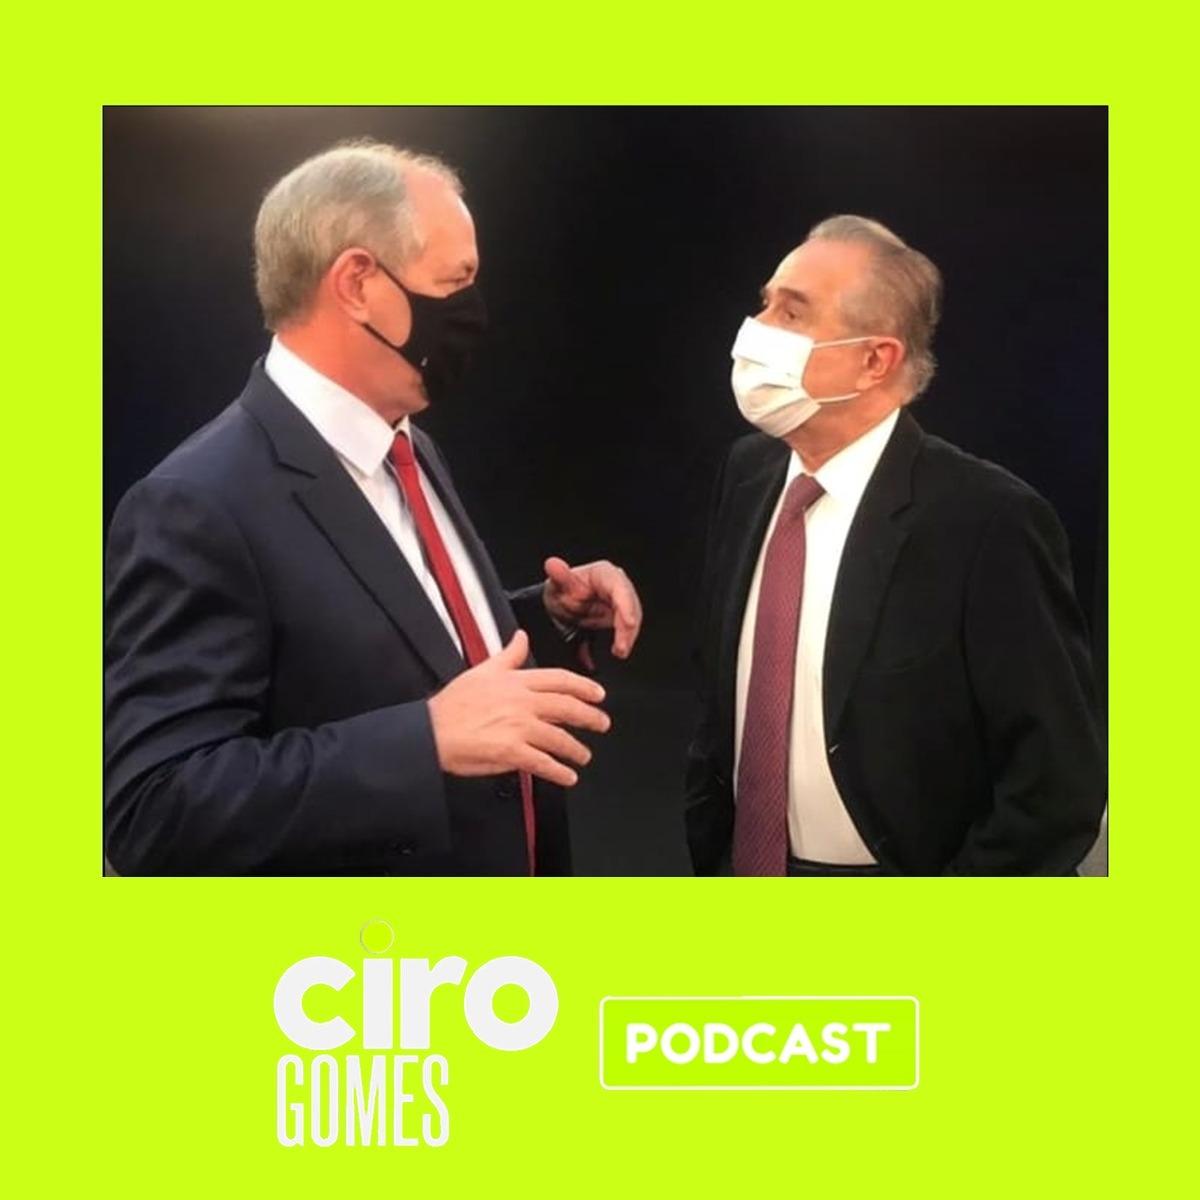 13/07/2021 | Entrevista de Ciro Gomes ao vivo, para Roberto D'Ávila #CiroNaGloboNews